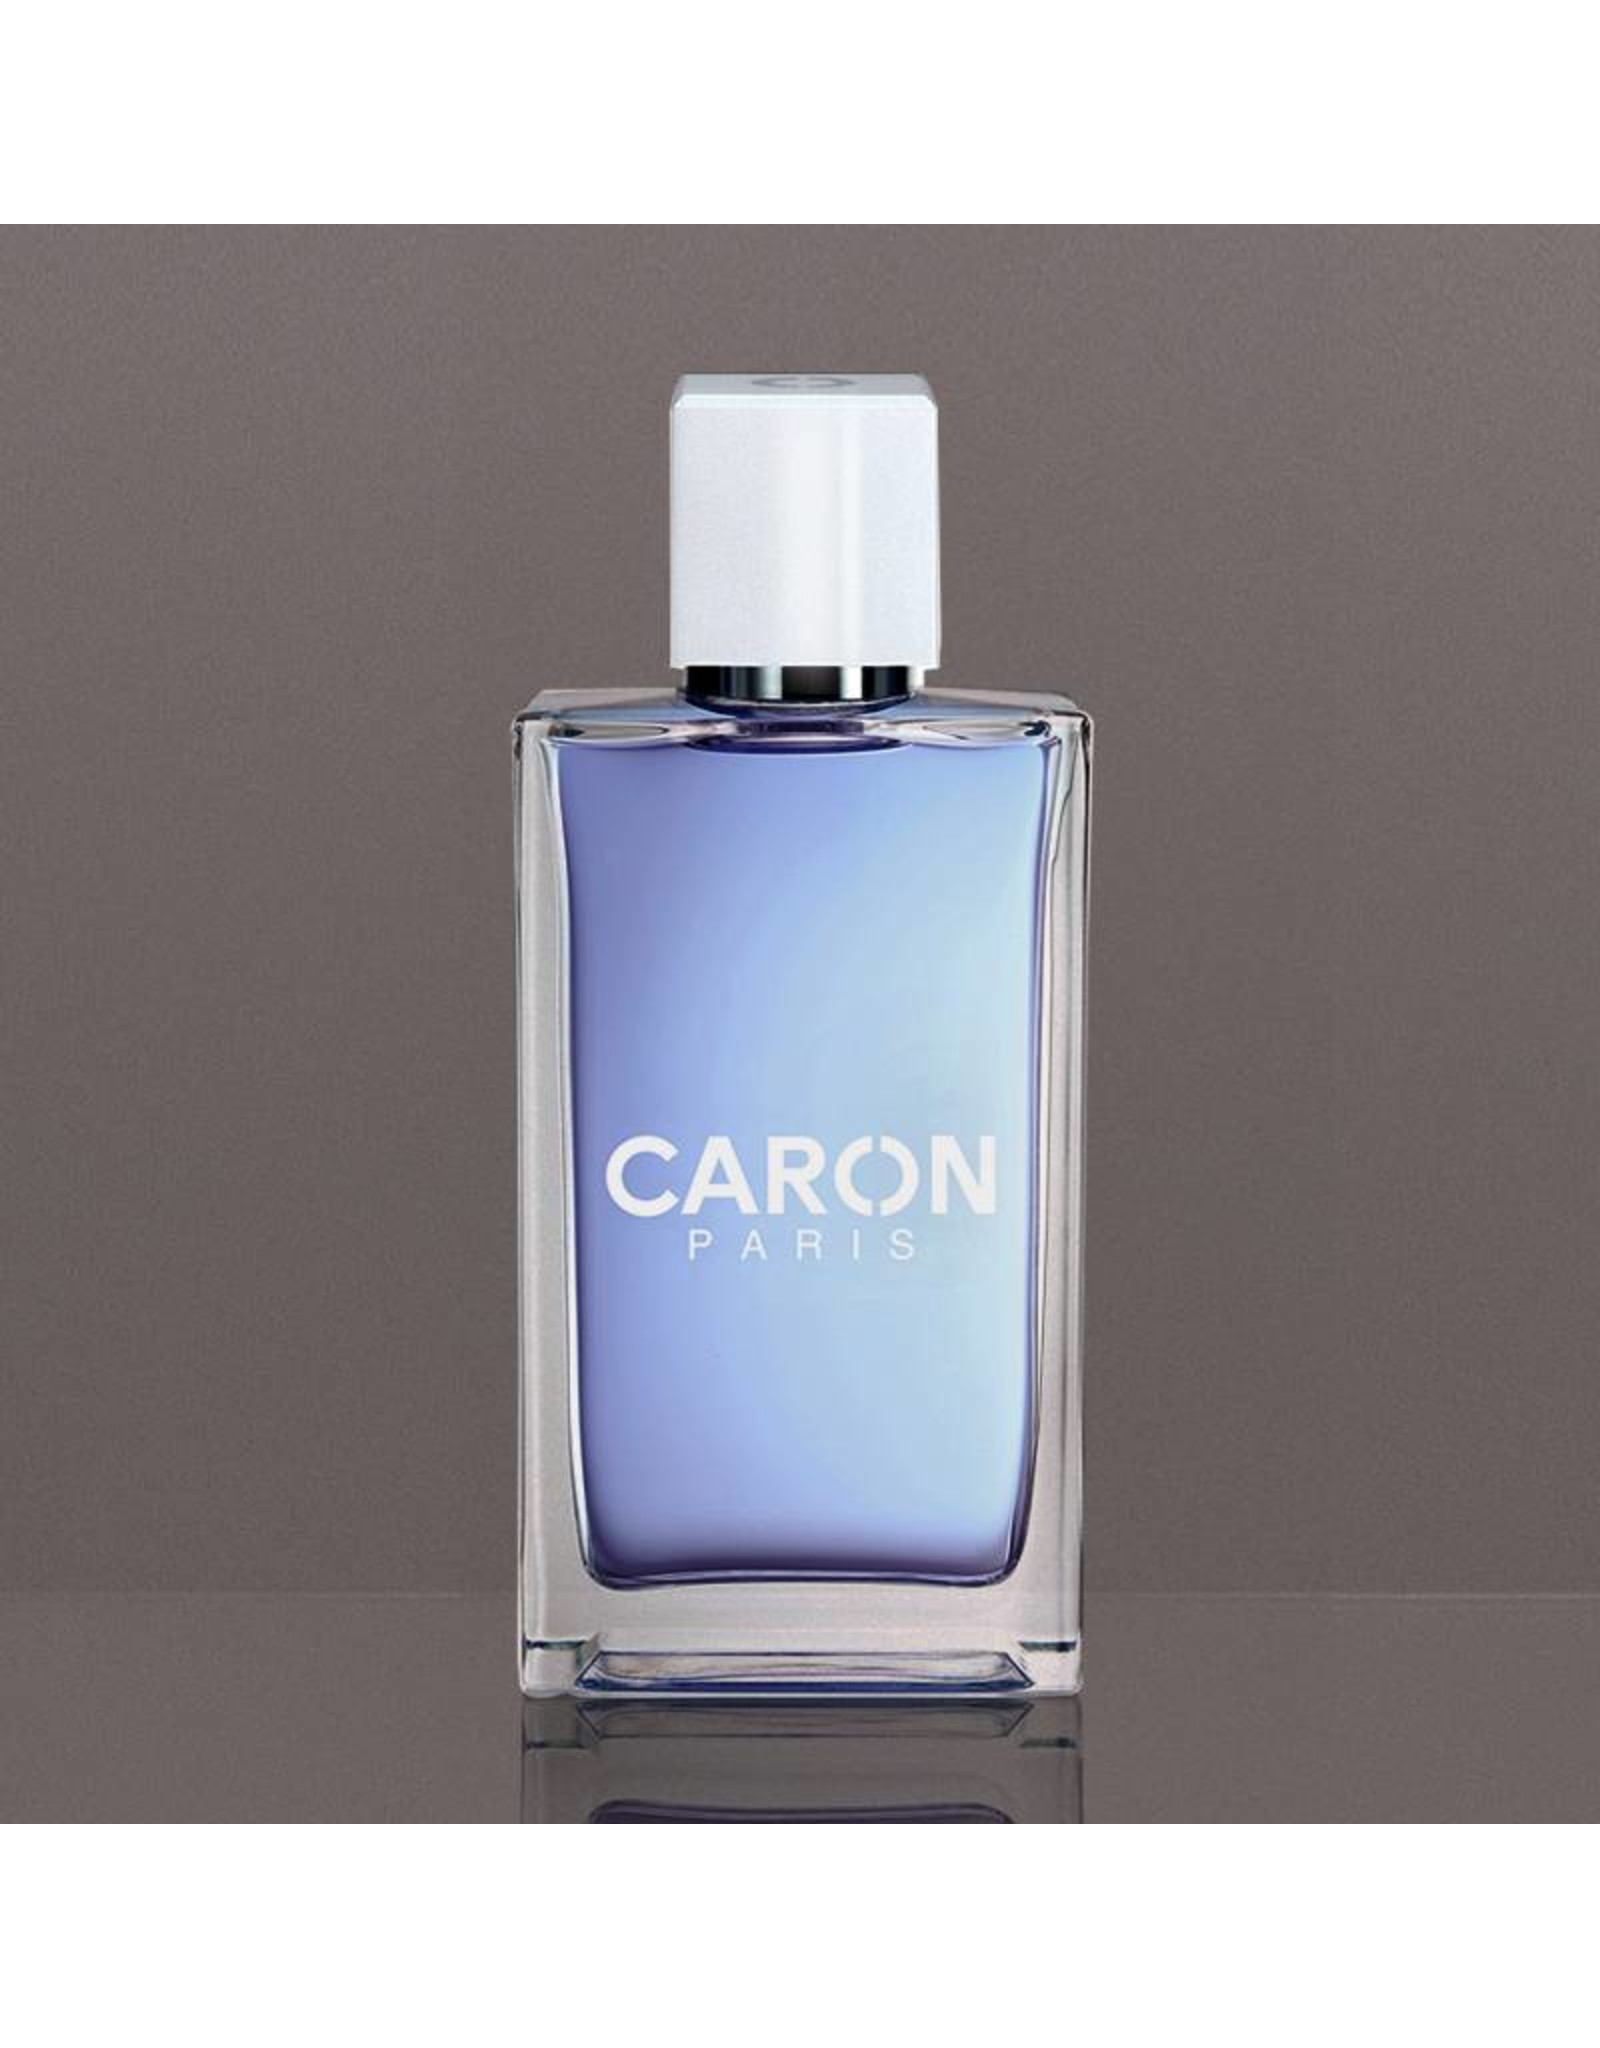 Caron Paris Les Eaux - Eau Pure